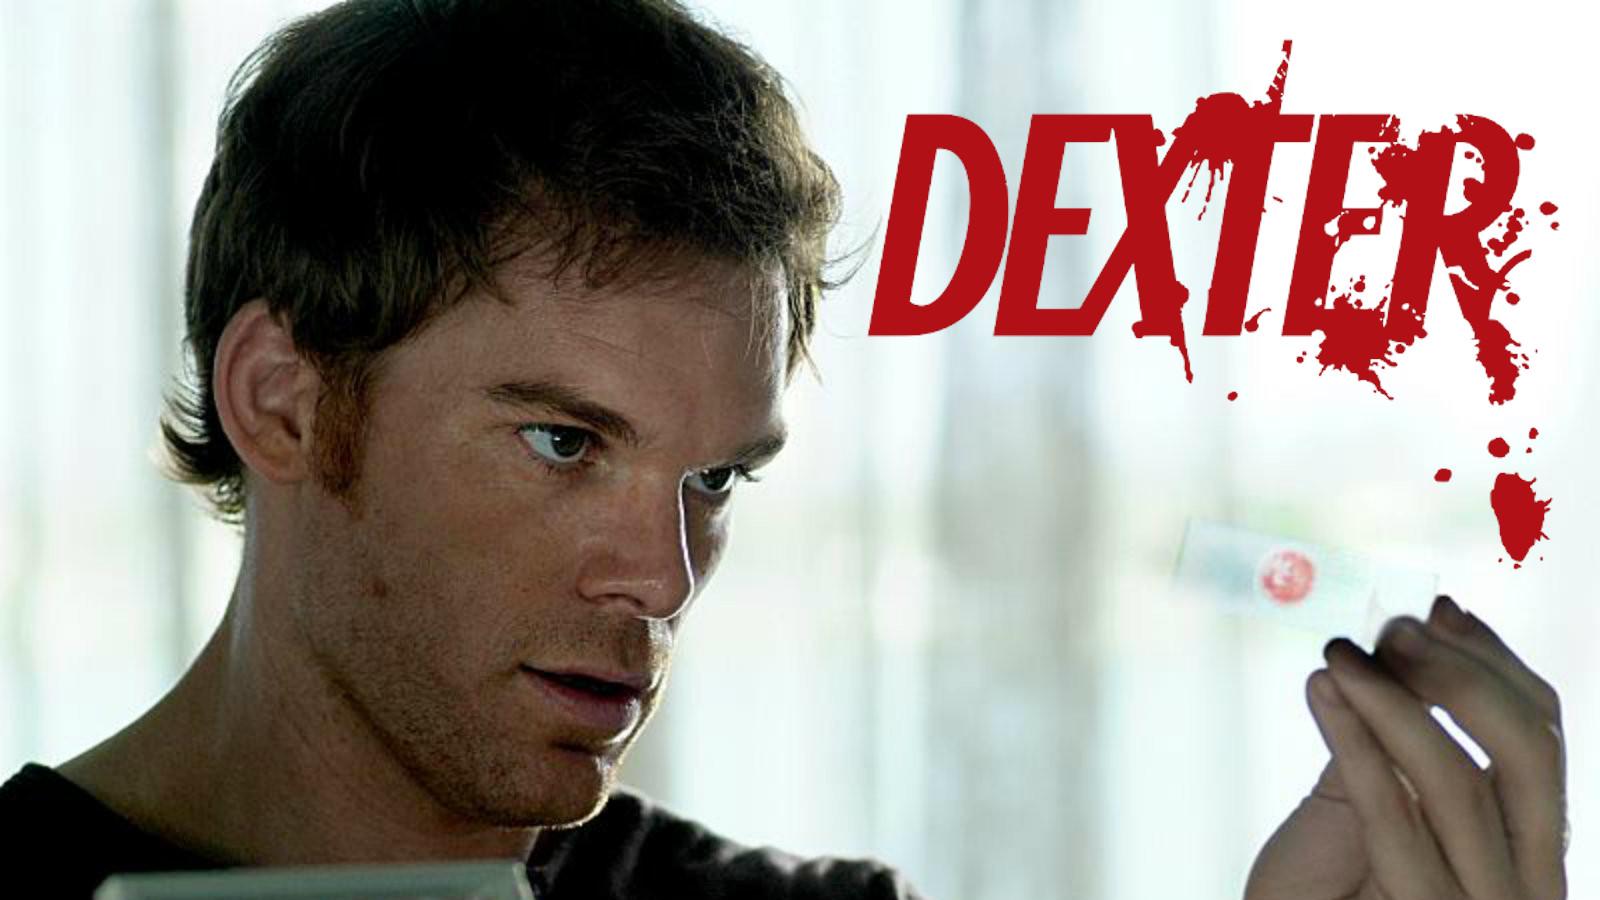 Dexter stares at blood slide trophy